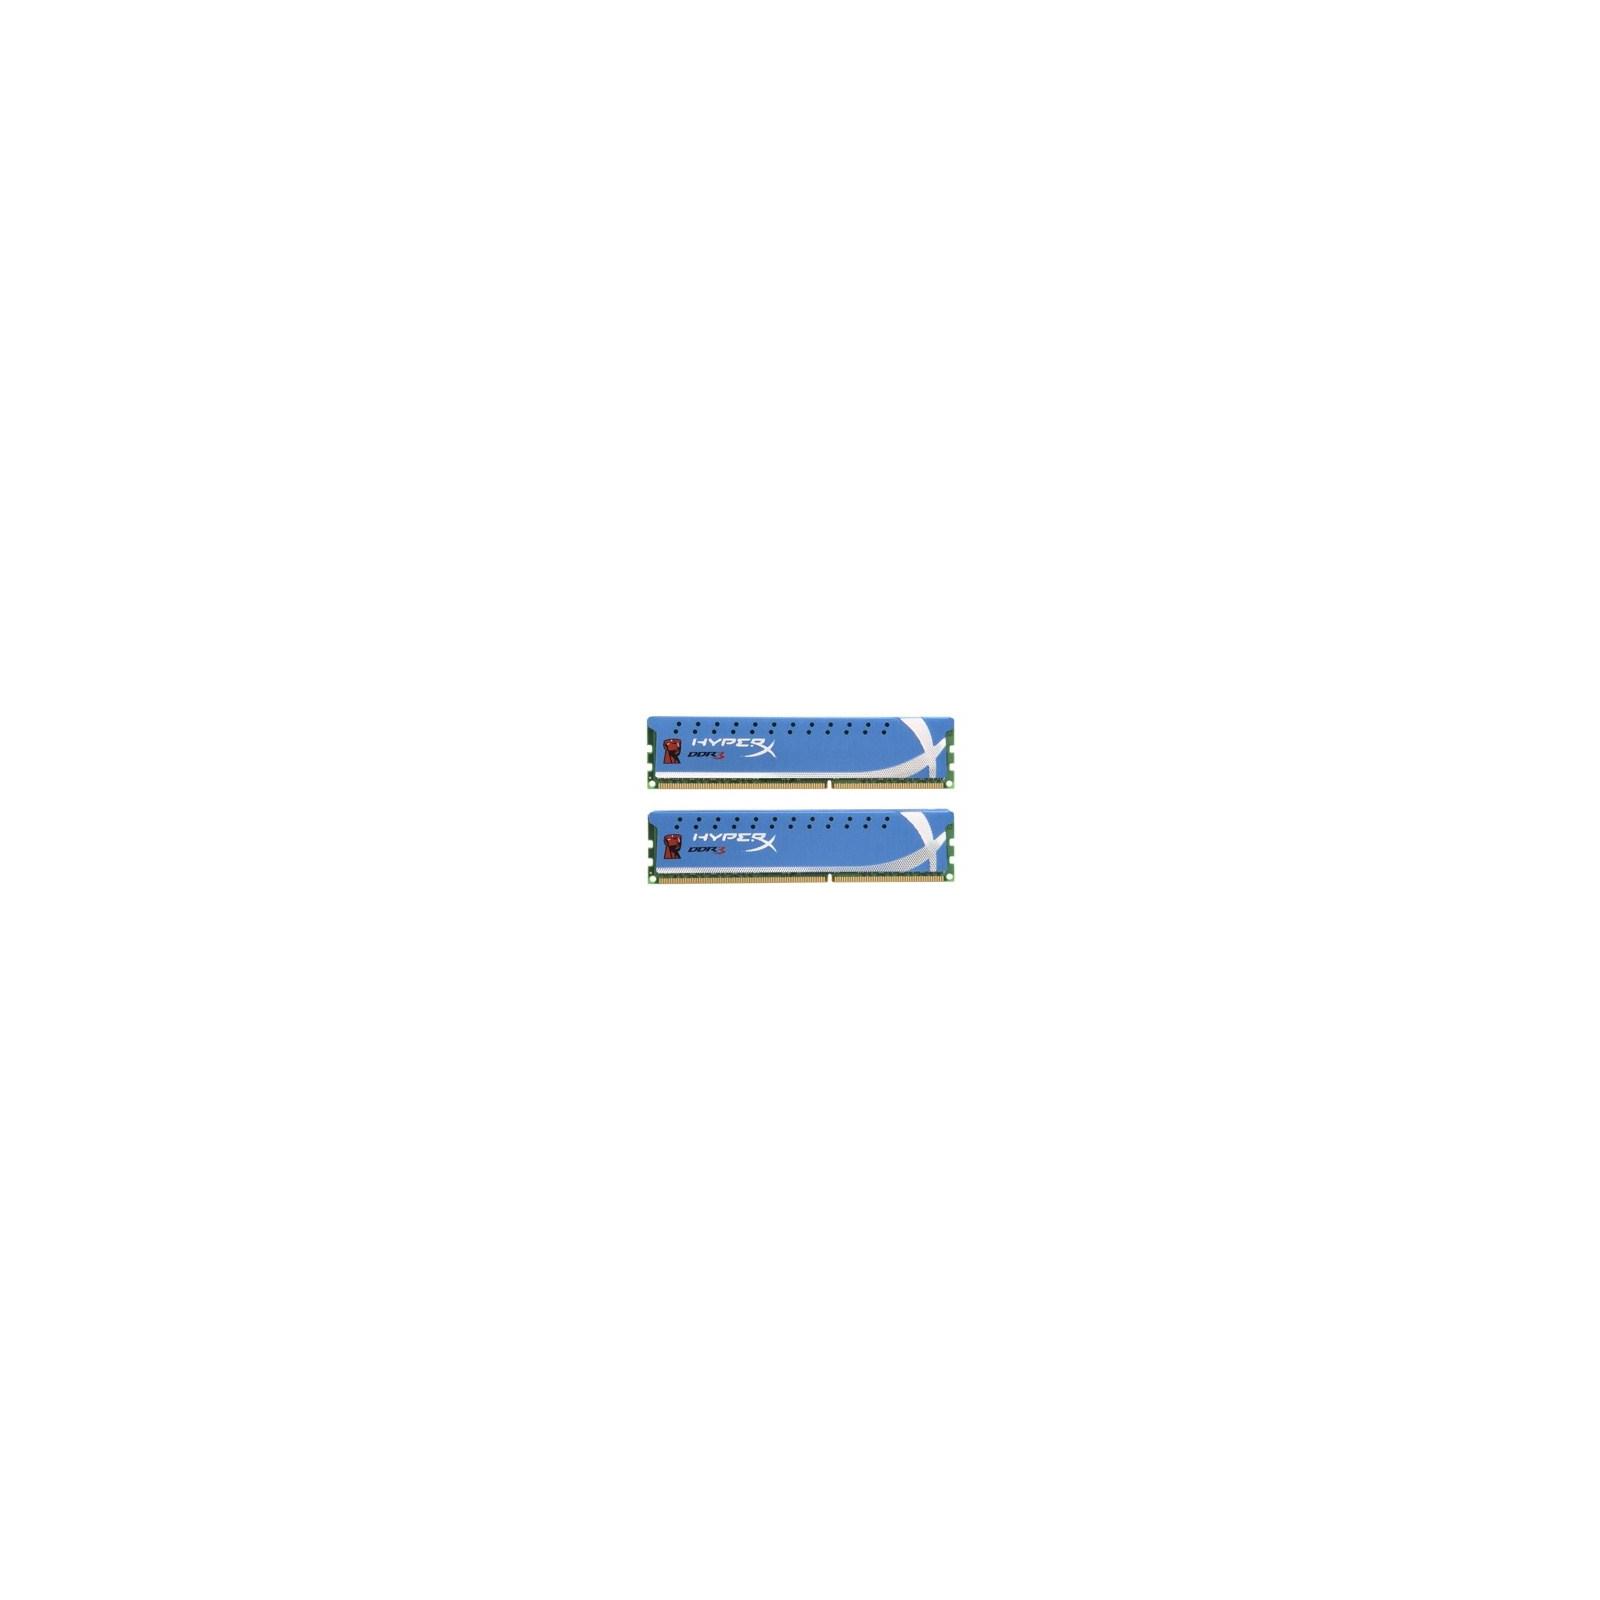 Модуль памяти для компьютера DDR3 8GB (2x4GB) 1866 MHz Kingston (KHX1866C9D3K2/8G)